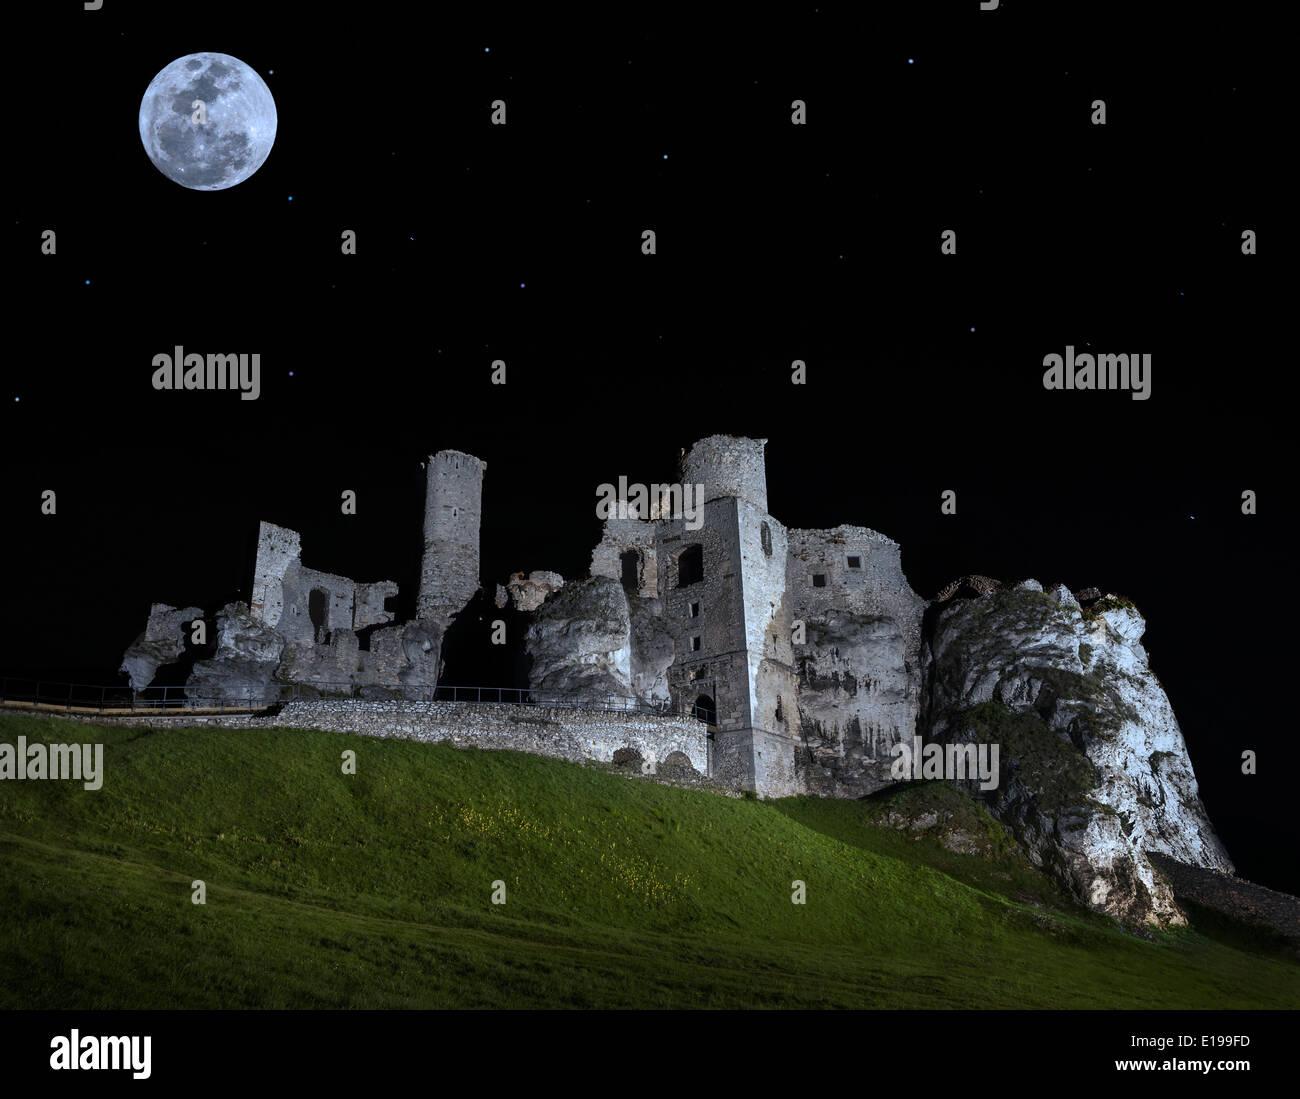 Pleine lune au-dessus de ruines du château d'Ogrodzieniec,, en Pologne. Banque D'Images